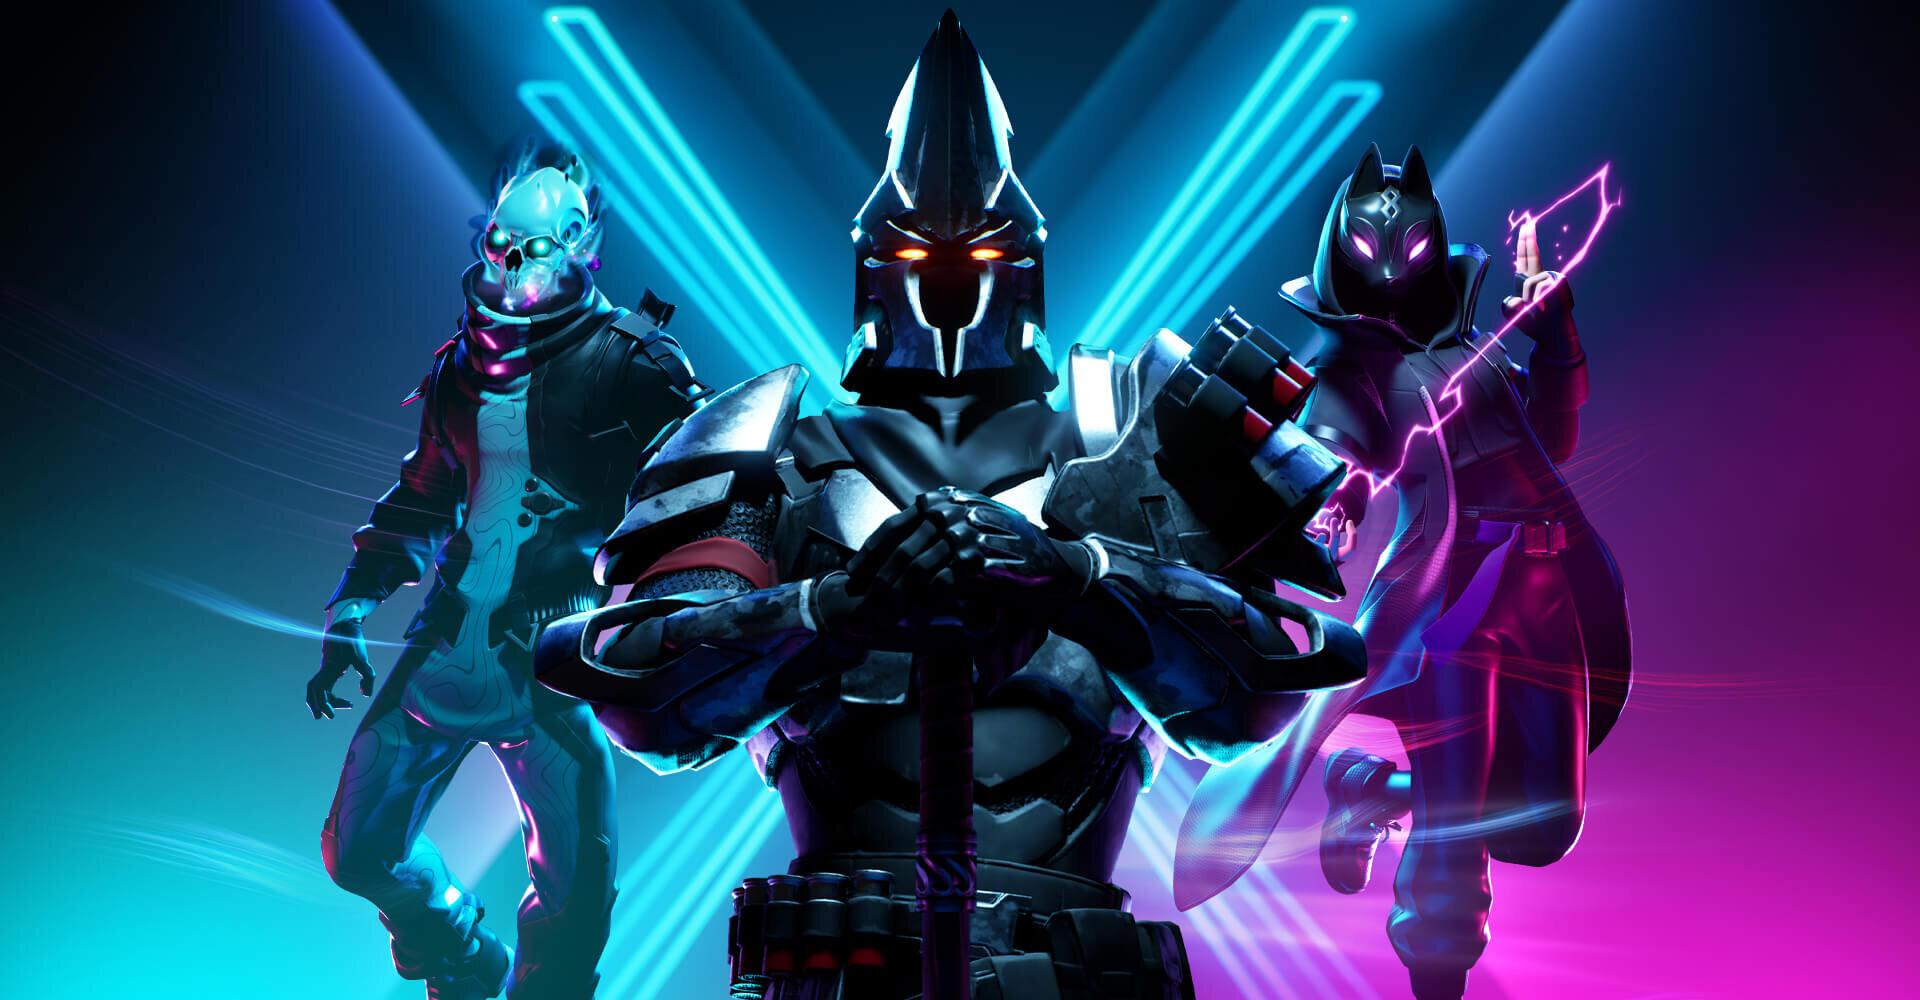 Fortnite_battle-royale_10BR_Launch_Web_GetFortnite_Header-1920x1000-a8e332ddc946efe01f26b84b43de5f59b8224305.jpg